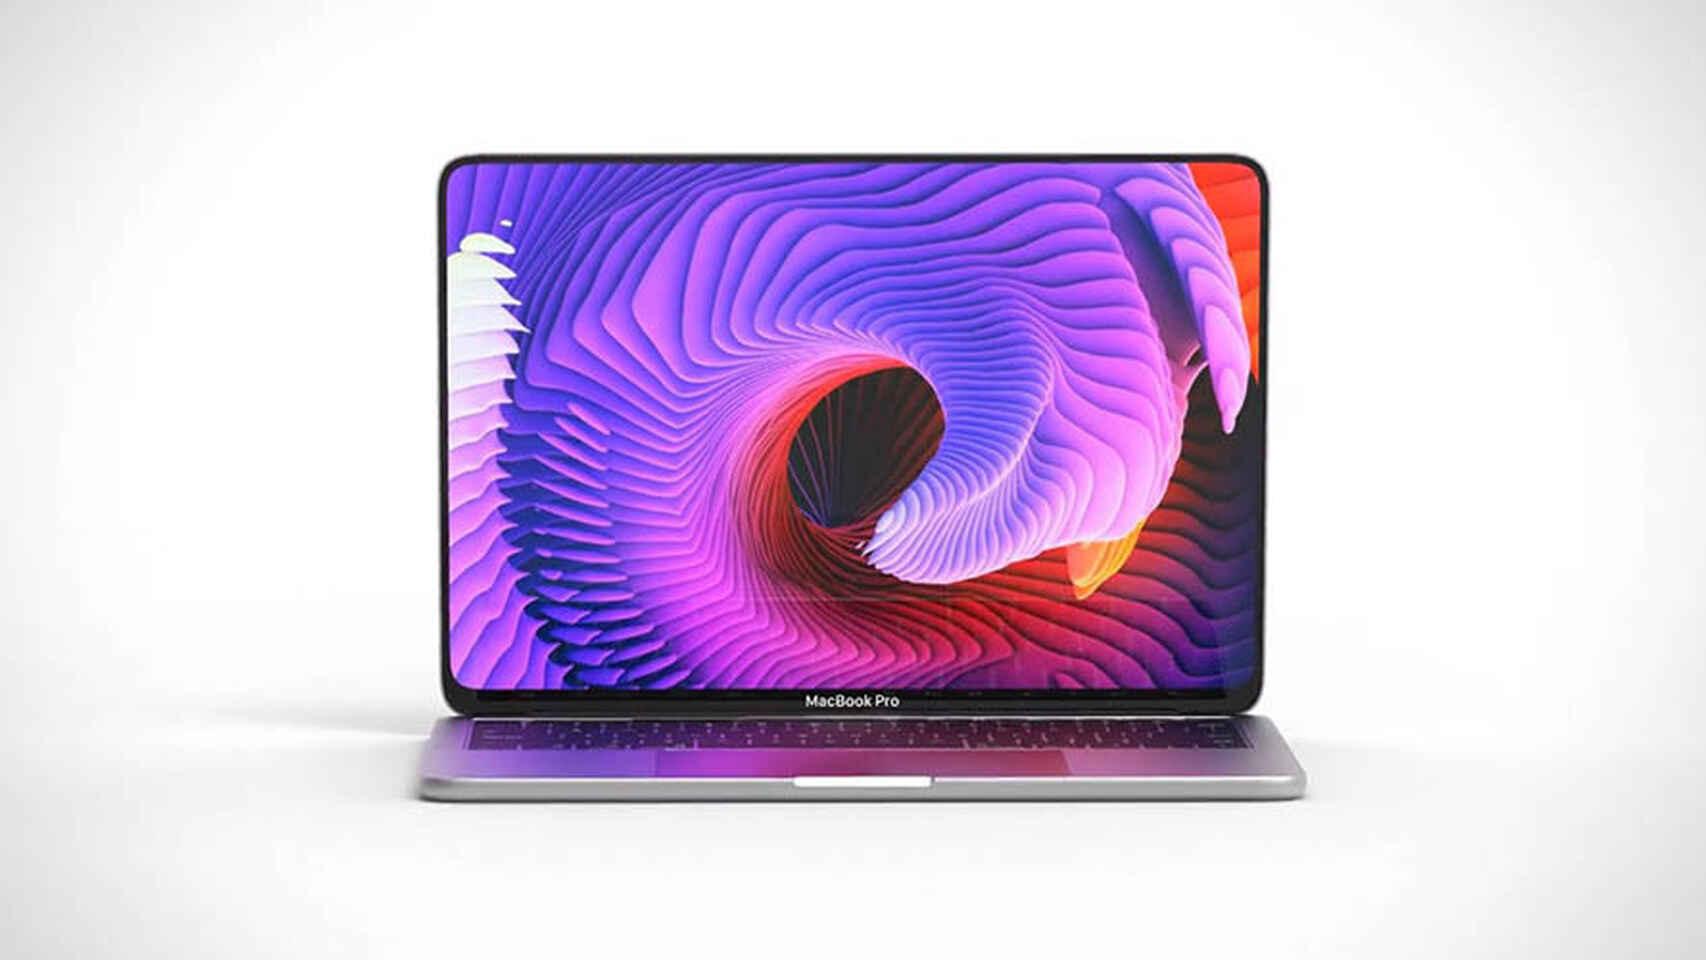 macbook pro 16 pulgadas rumores